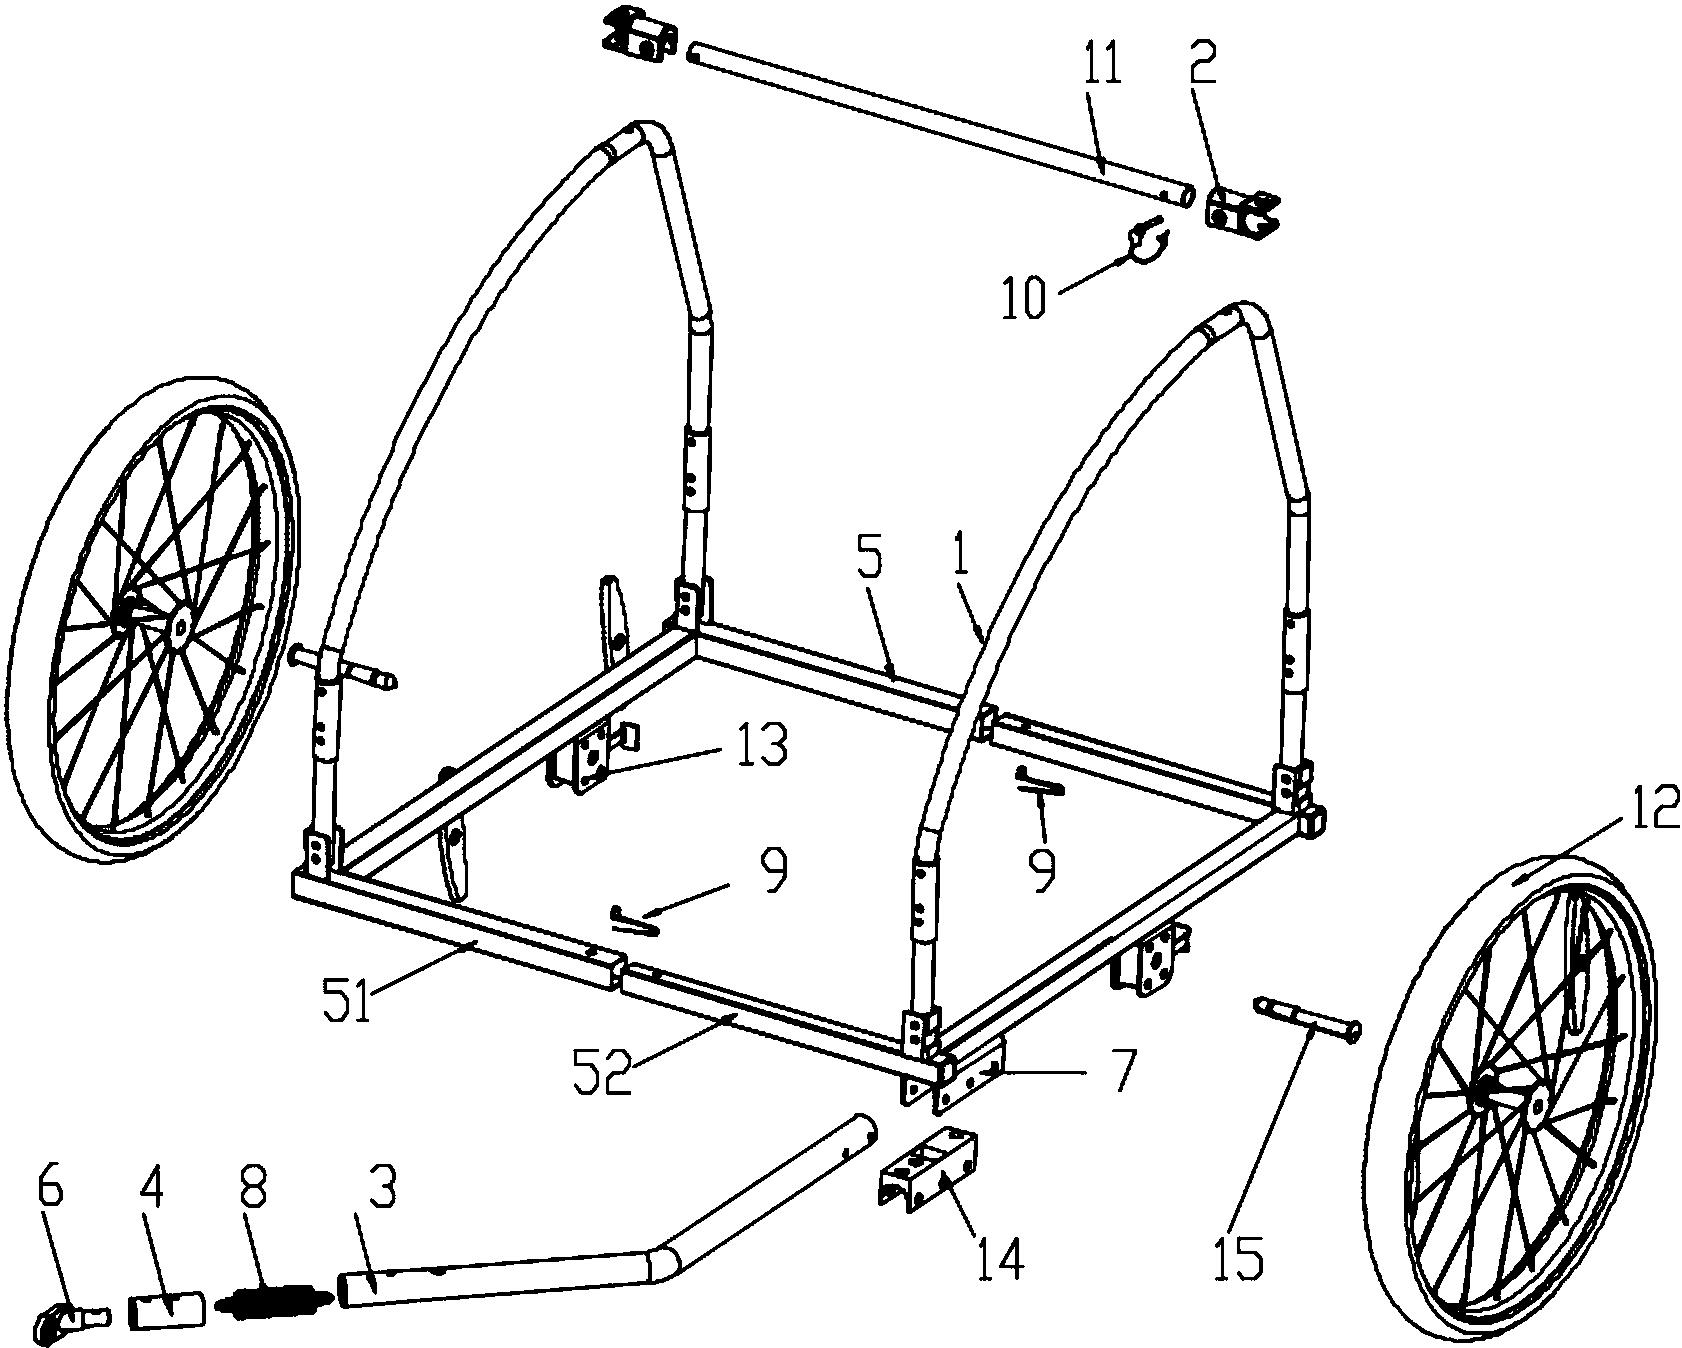 工程图 简笔画 平面图 设计图 手绘 线稿 1682_1348